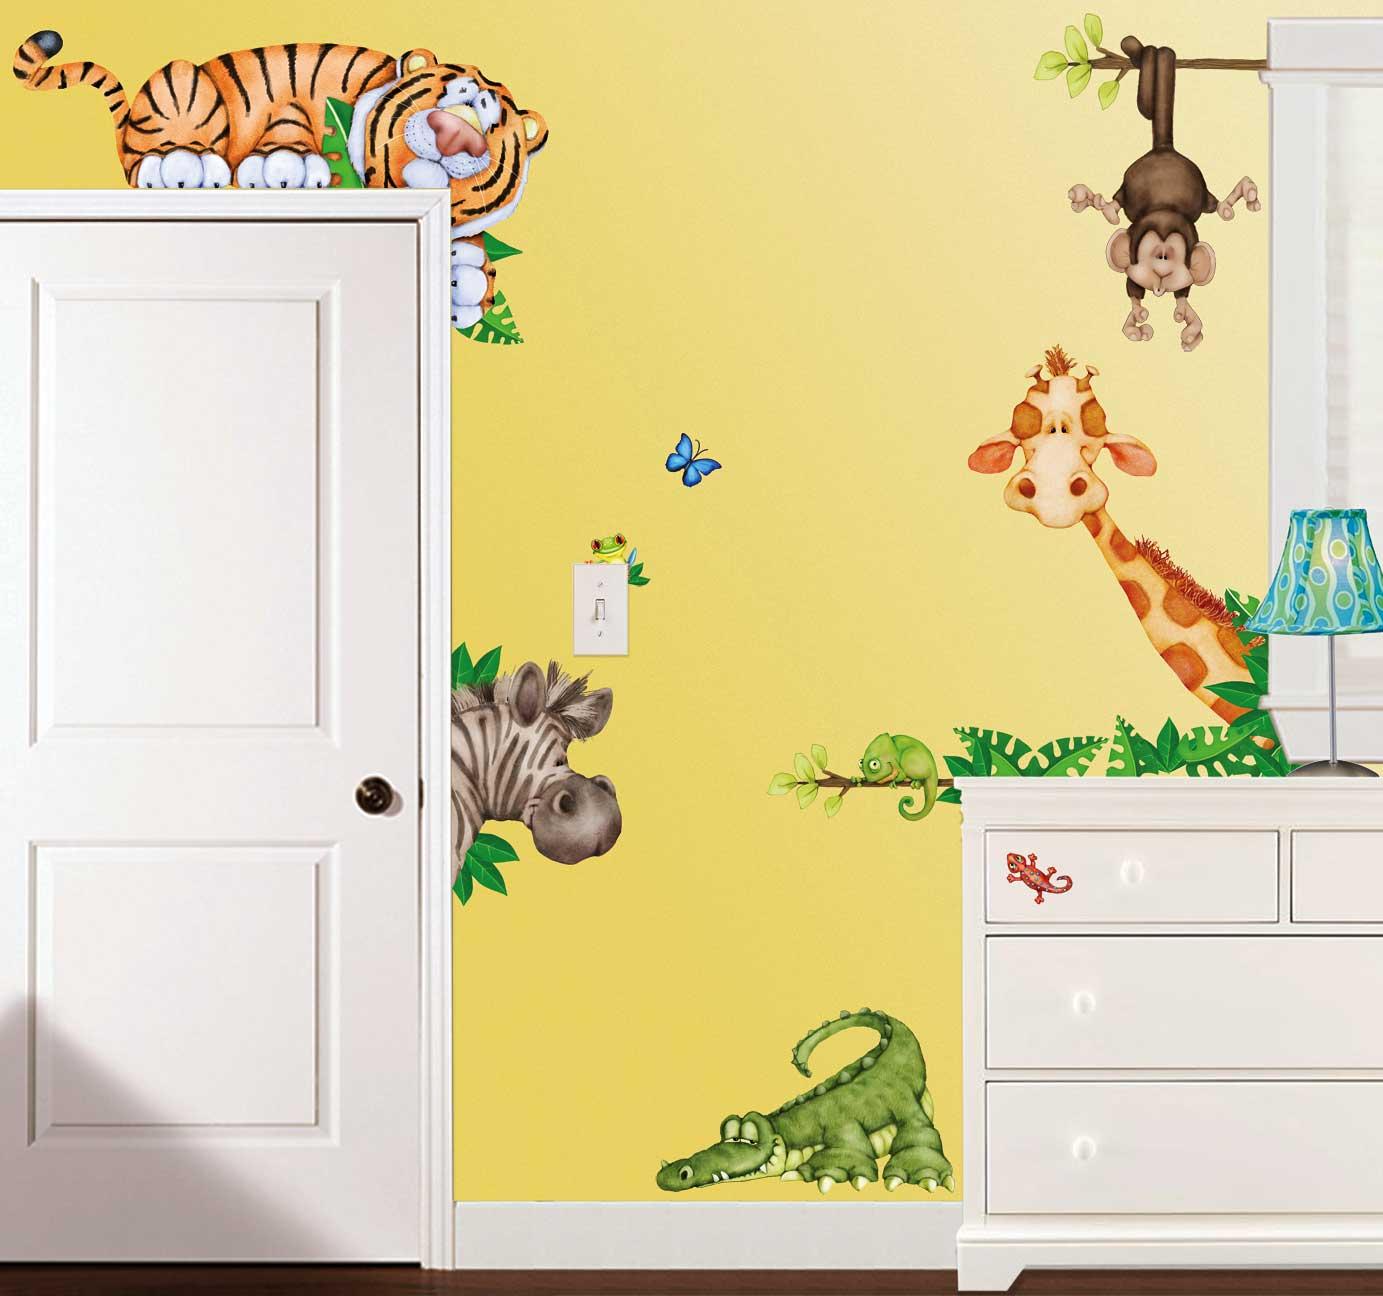 wandtattoo kinderzimmer tiere | jtleigh - hausgestaltung ideen, Schlafzimmer design